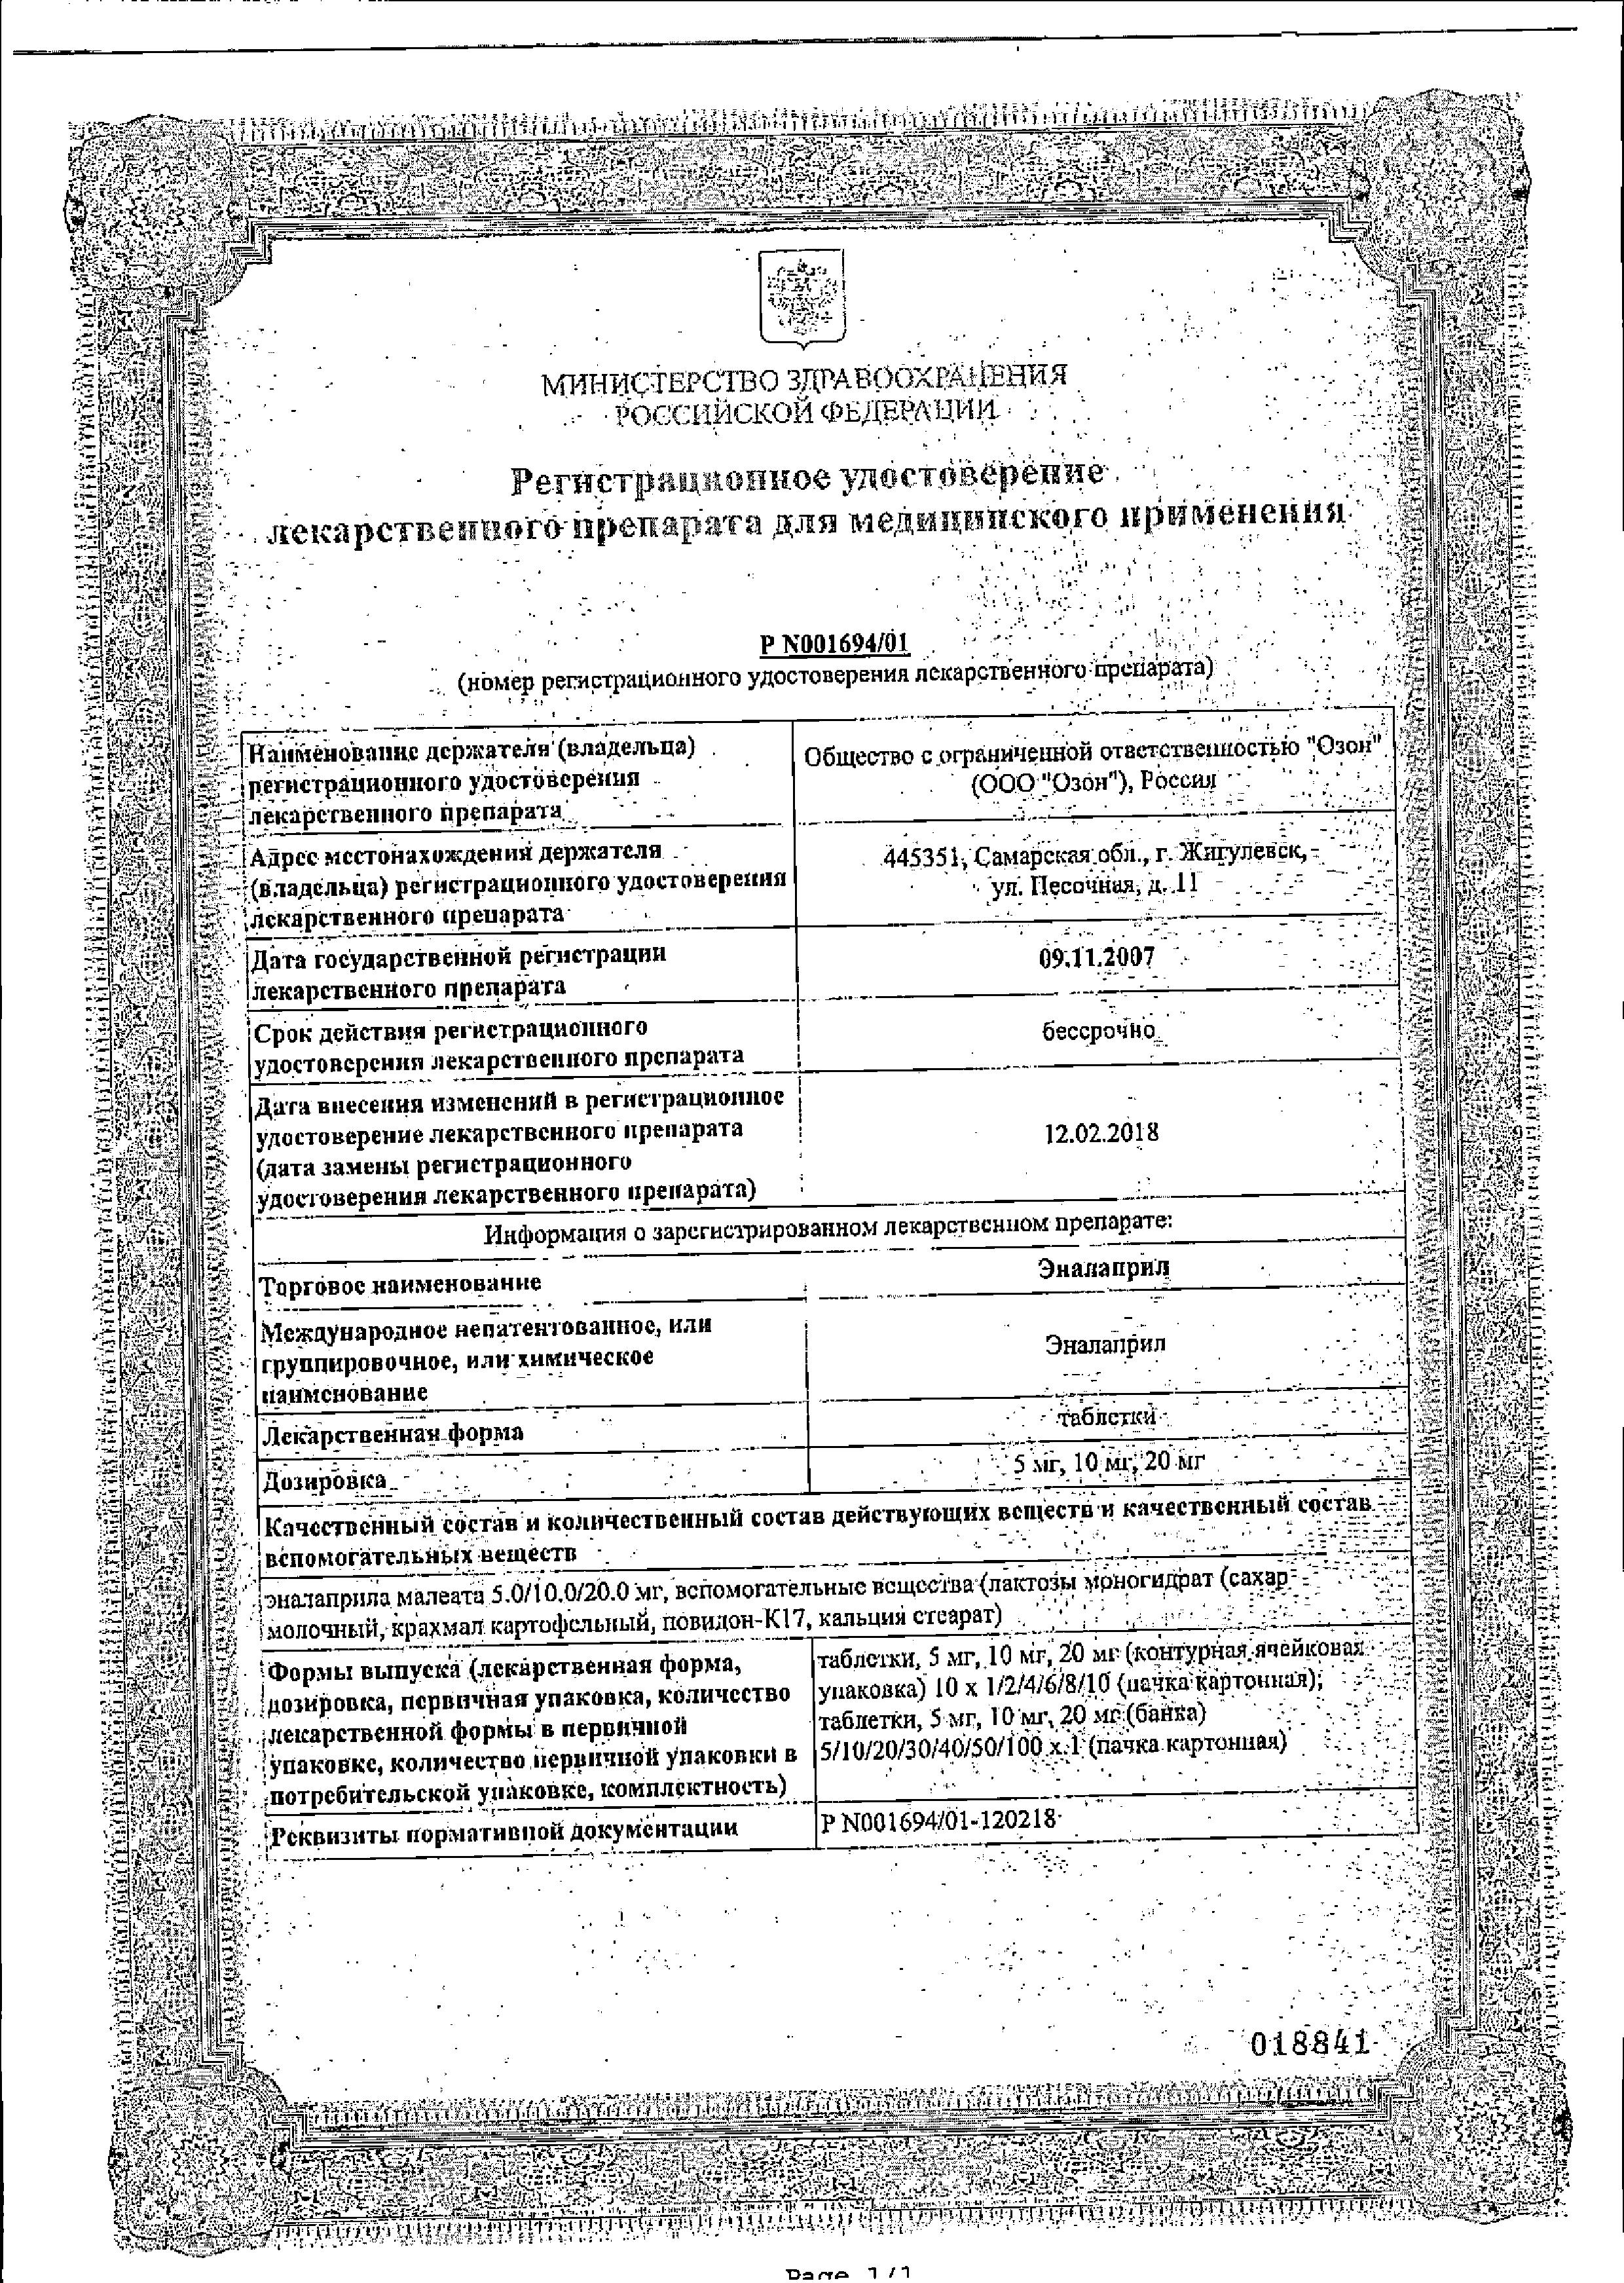 Эналаприл сертификат